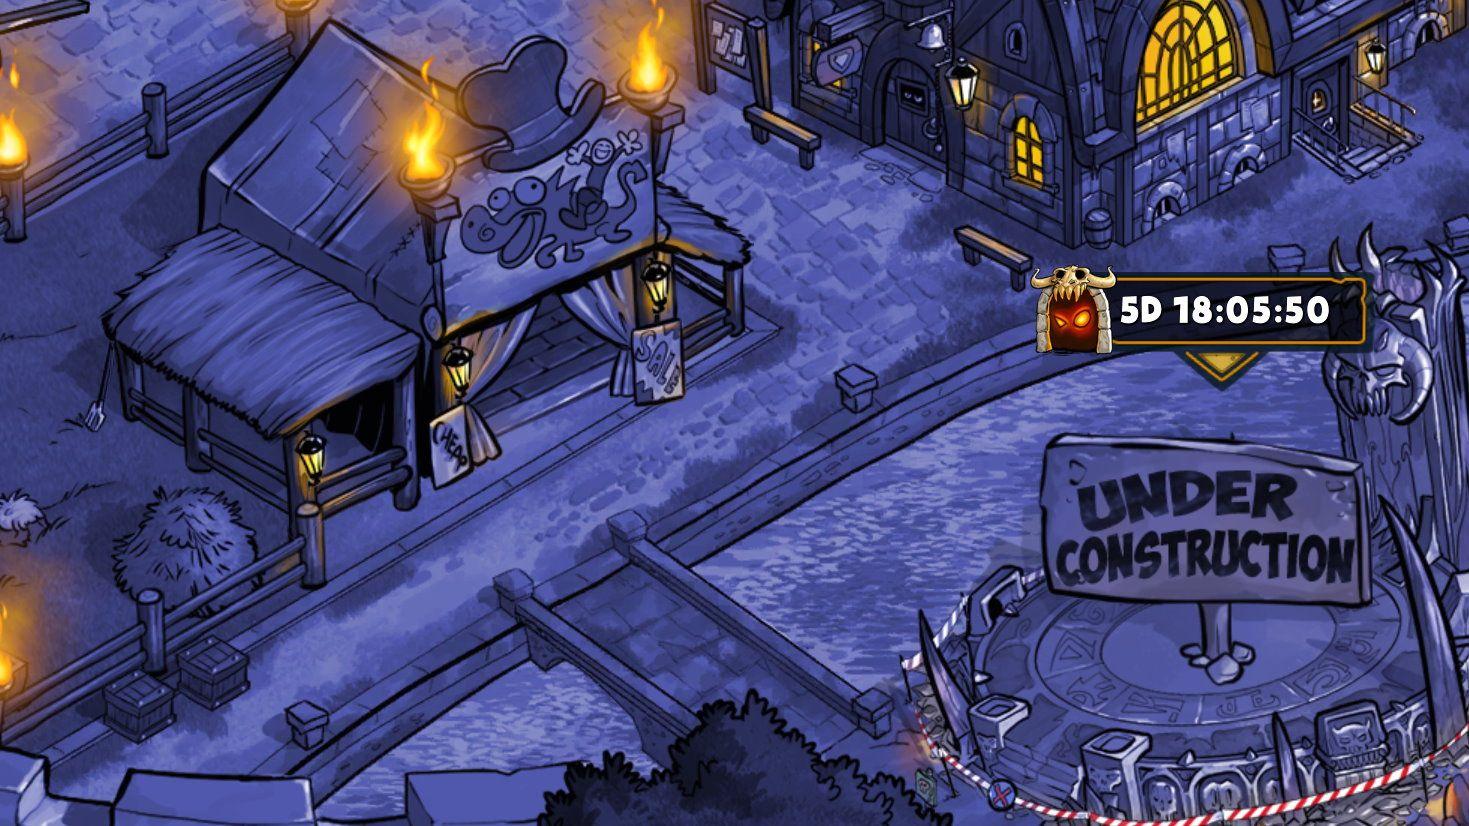 Stadtübersicht mit Baustelle zum Dungeonportal des Legendary Dungeon